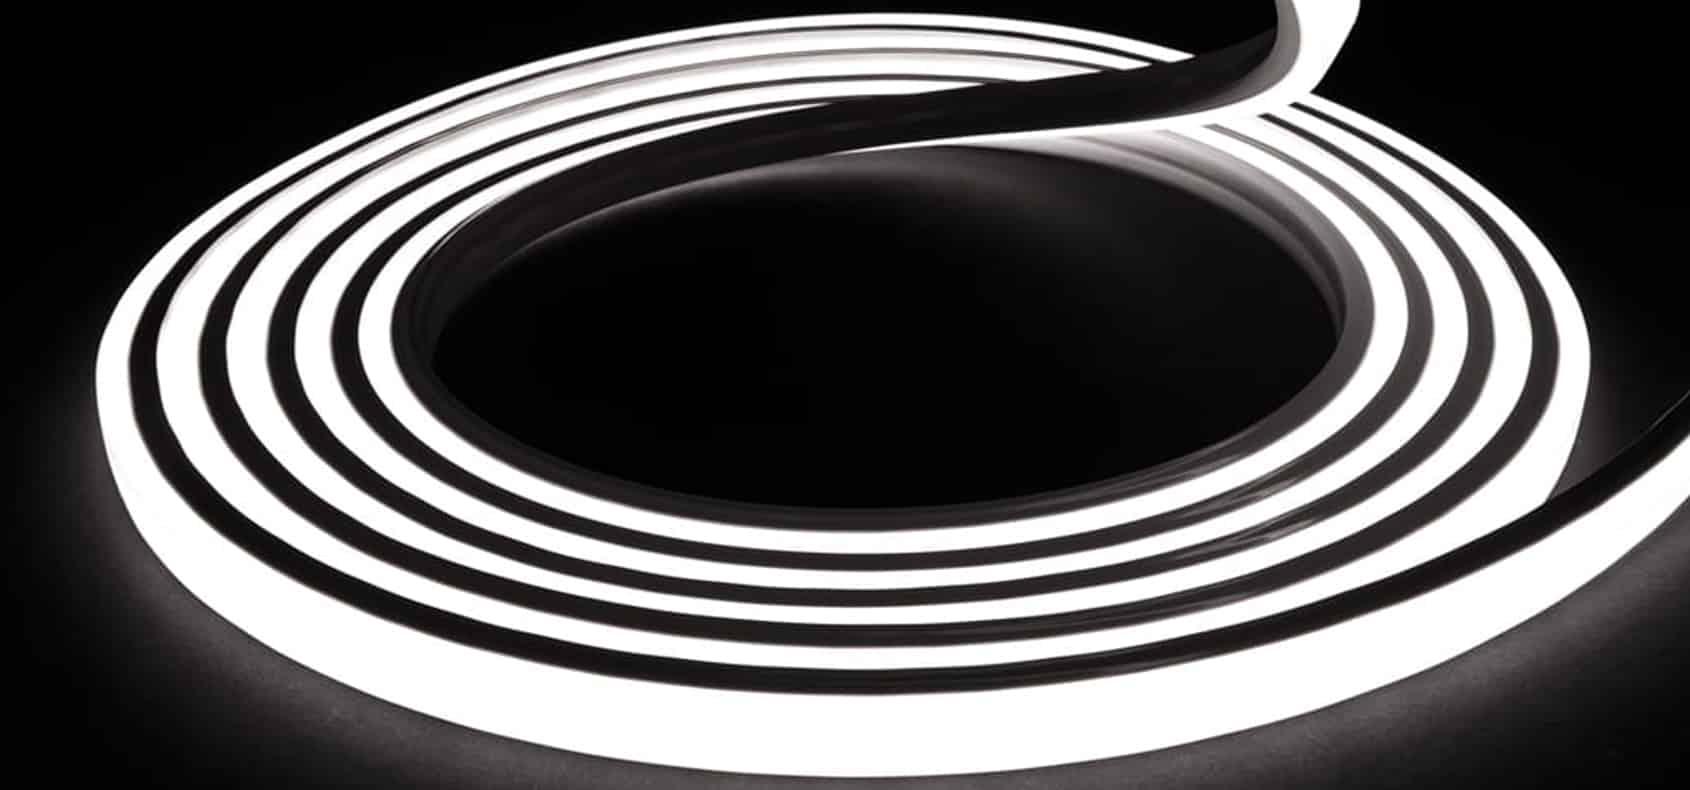 Neon-Flex-Slim Top Bend - 6x6mm - Image